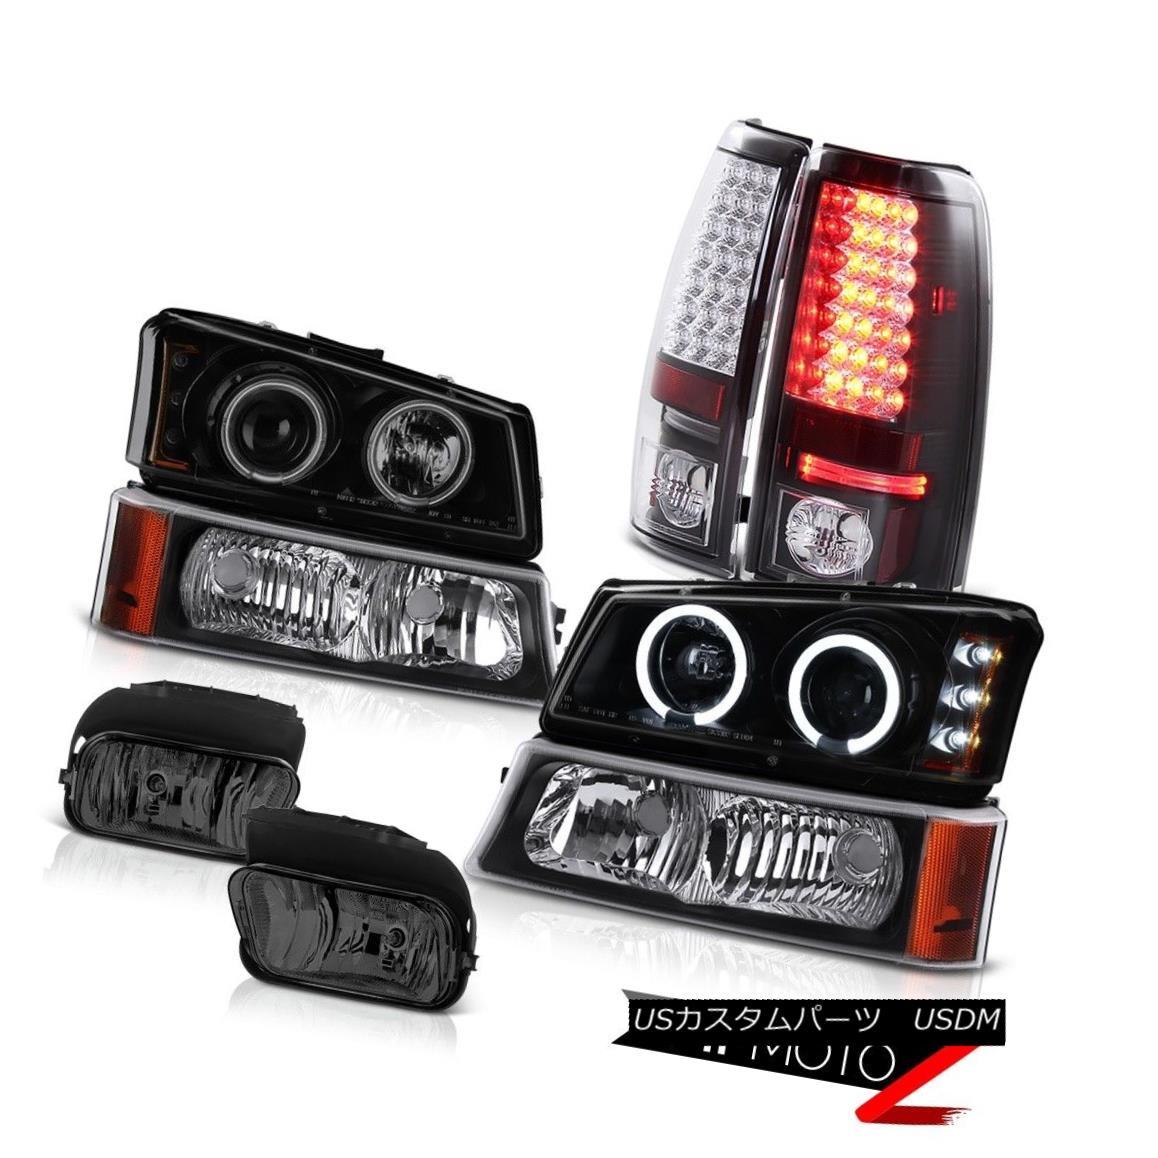 テールライト 03-06 Silverado Black Smoke CCFL Headlights Bumper Tail Lamps Driving Foglights 03-06 Silverado Black Smoke CCFLヘッドライトバンパーテールランプ